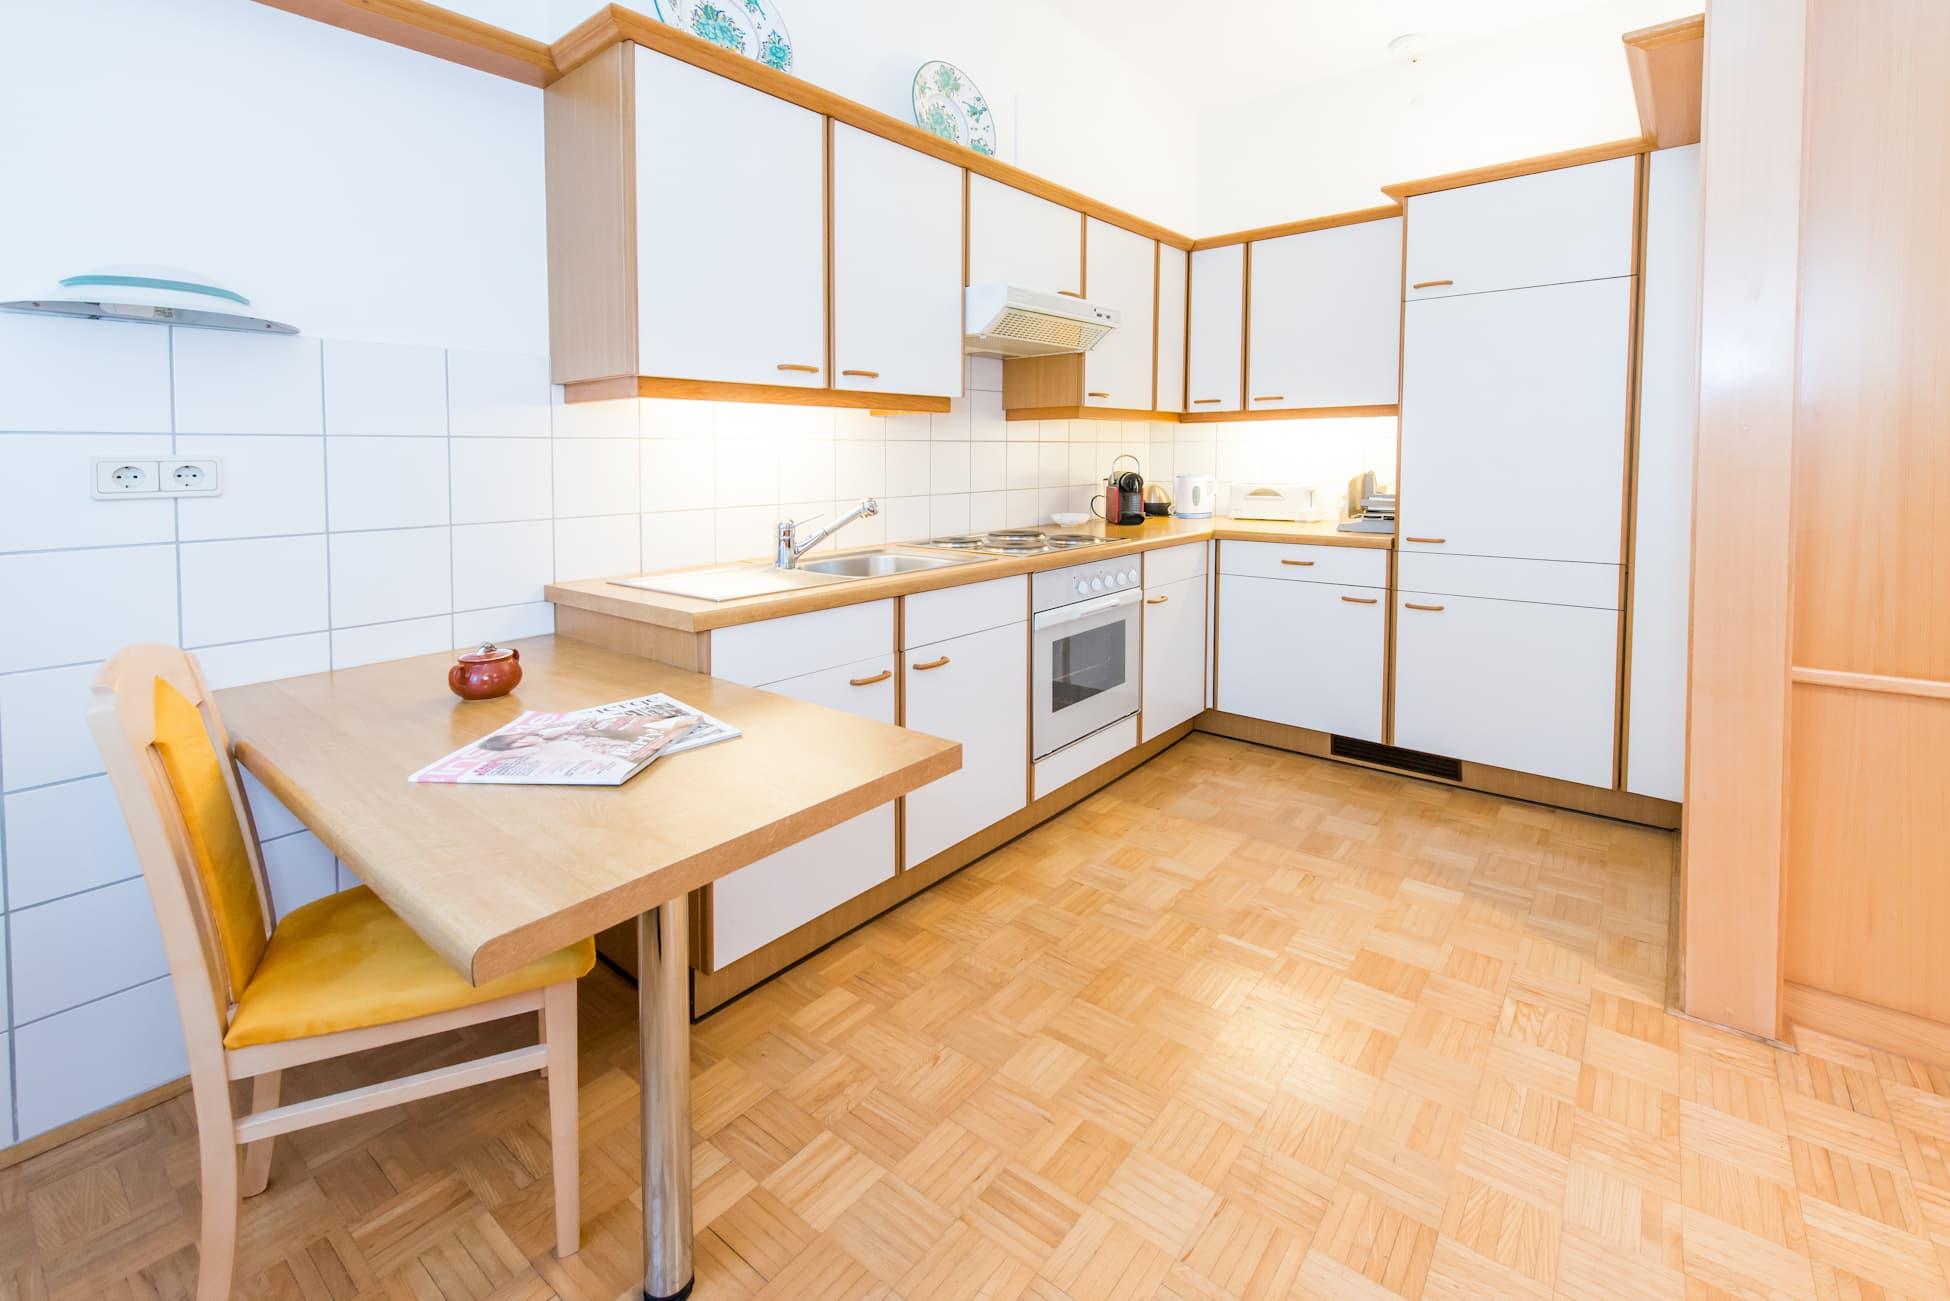 Wohnküche von Apartement 5